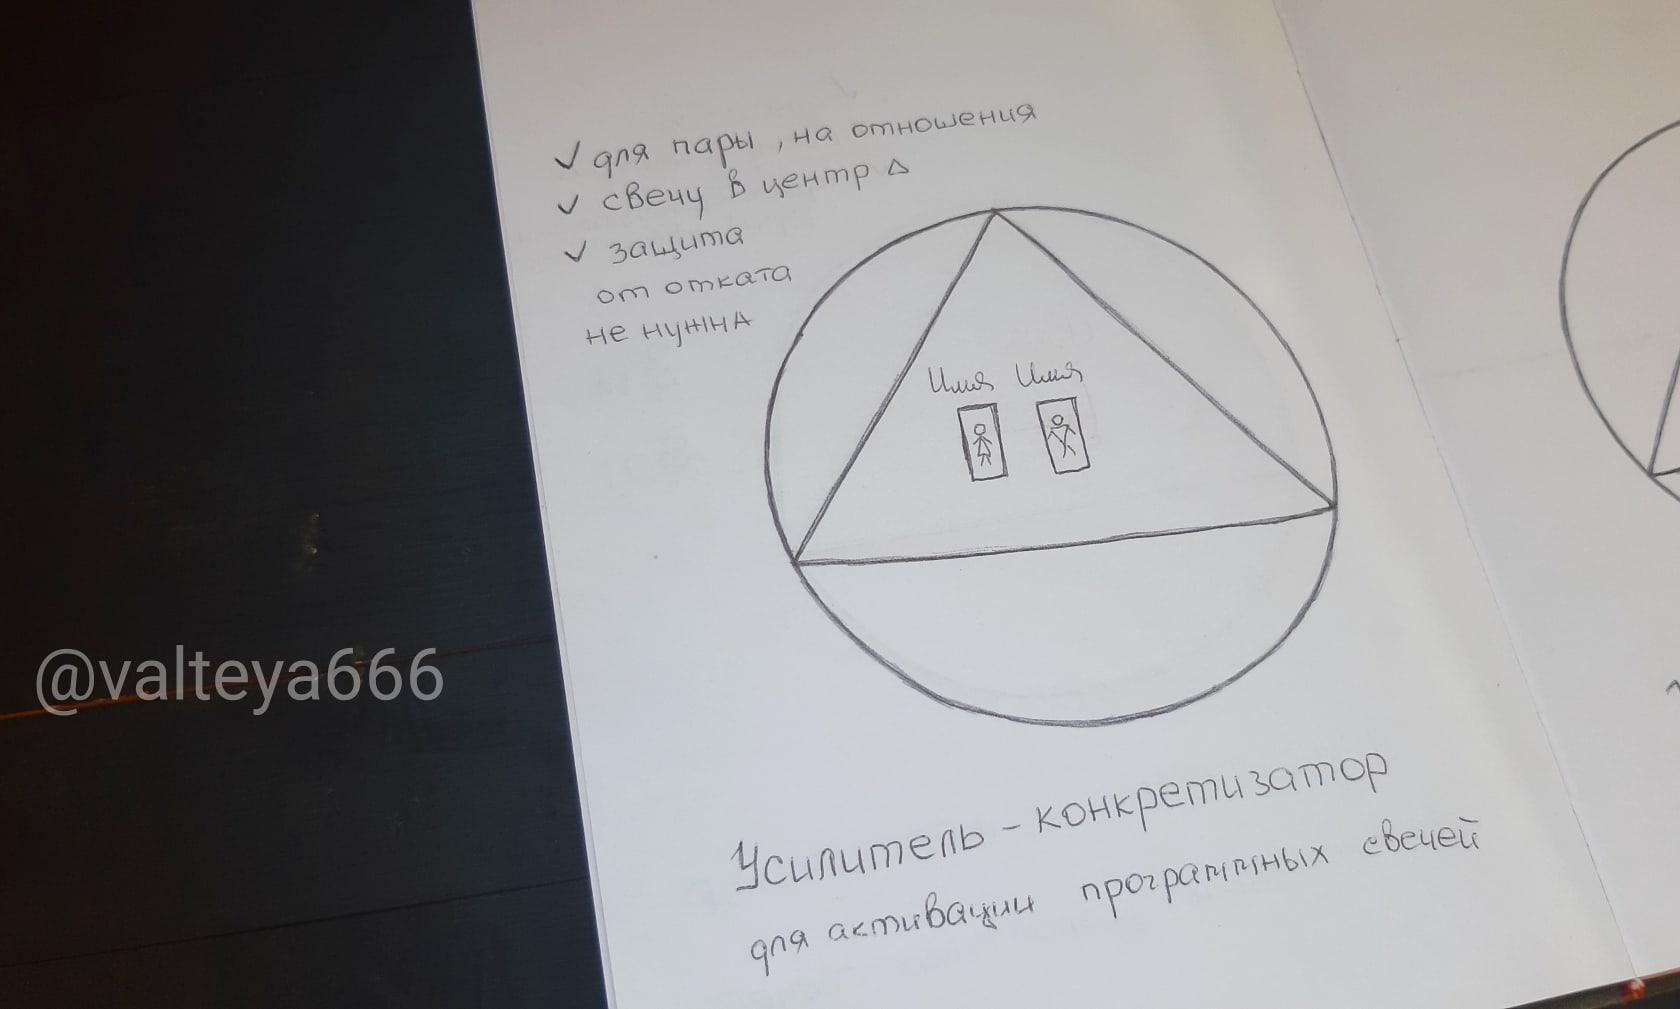 силаума - Программы от Елены Руденко - Страница 2 CRjx8fx_uVc